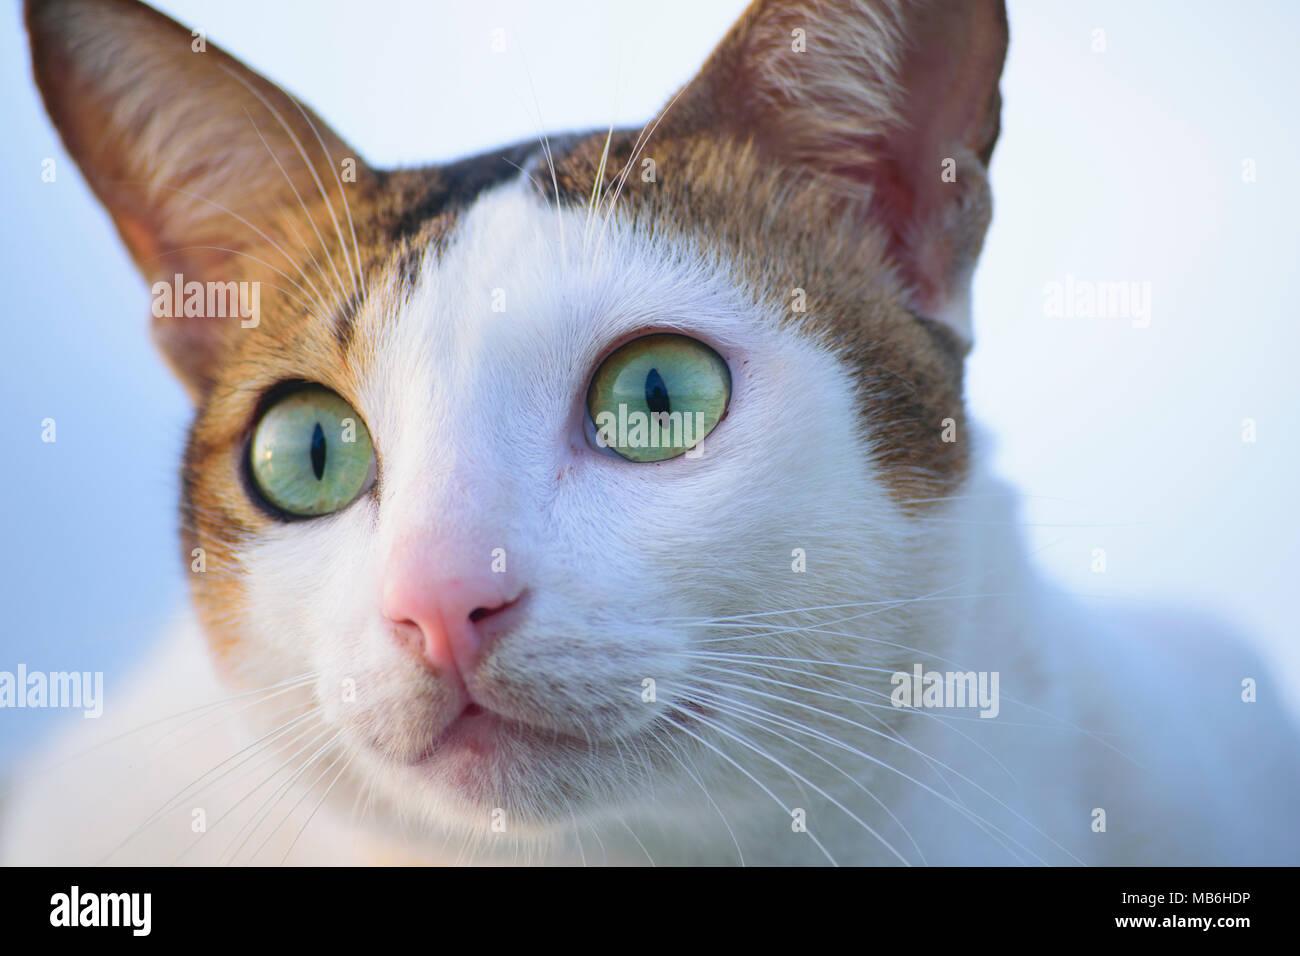 """Cerrar de ojos verdes de gato doméstico en Indonesia. Es lo que denominamos """"KUCING KAMPUNG' Imagen De Stock"""